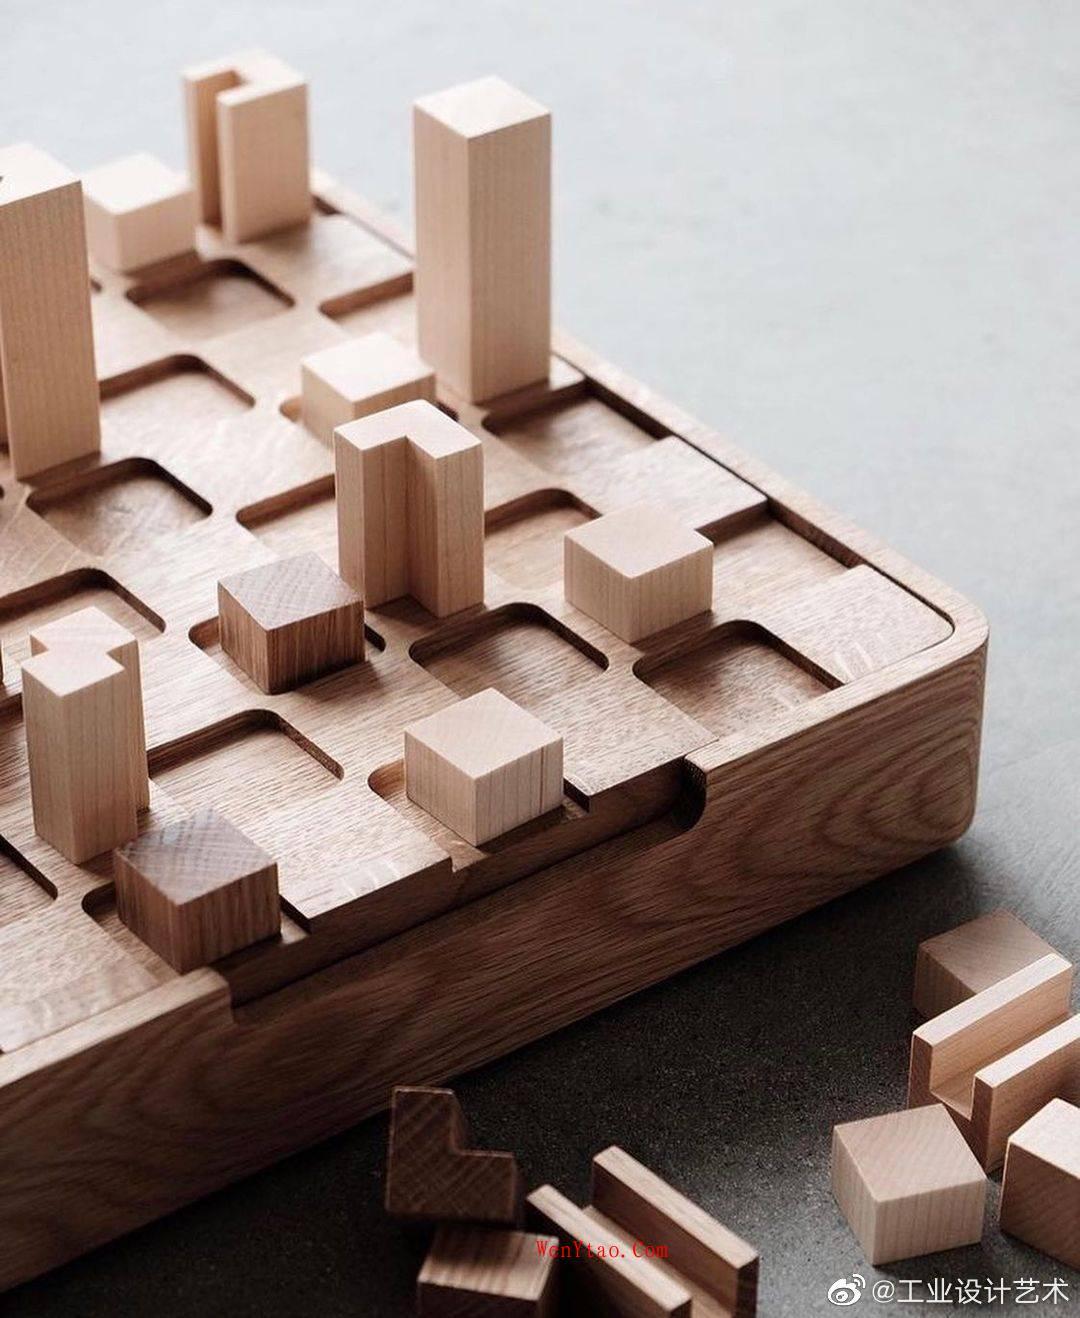 棋 来源于 微博工业设计艺术 第2张